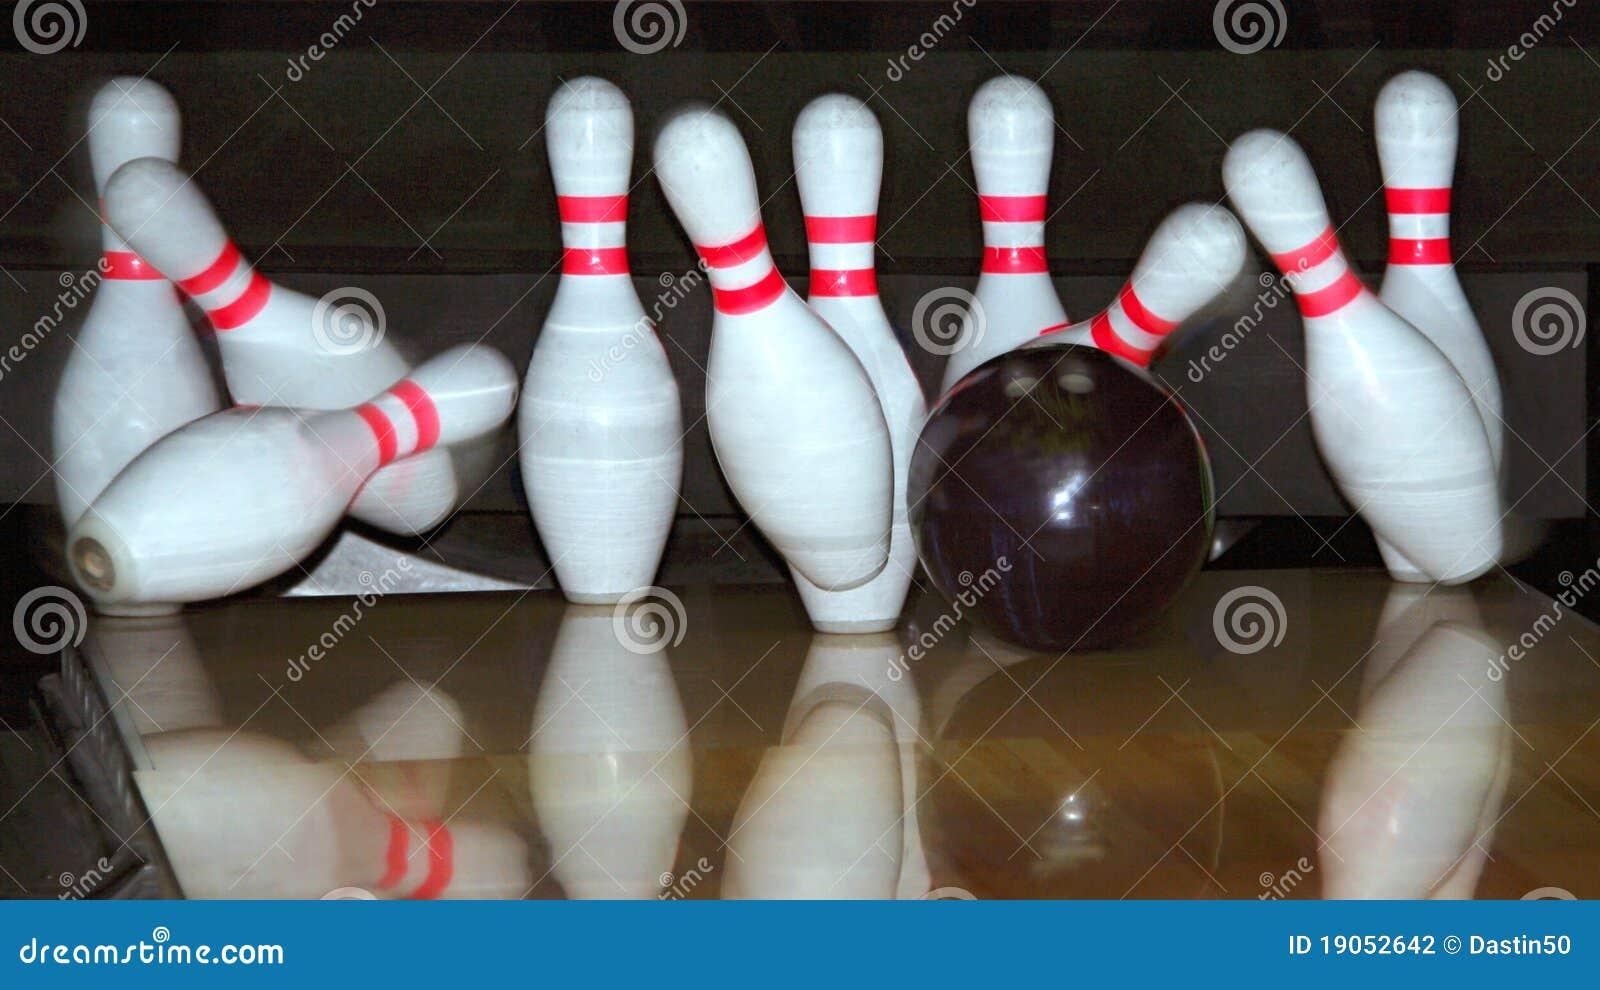 Bowlingspielkugel und fallende Stifte